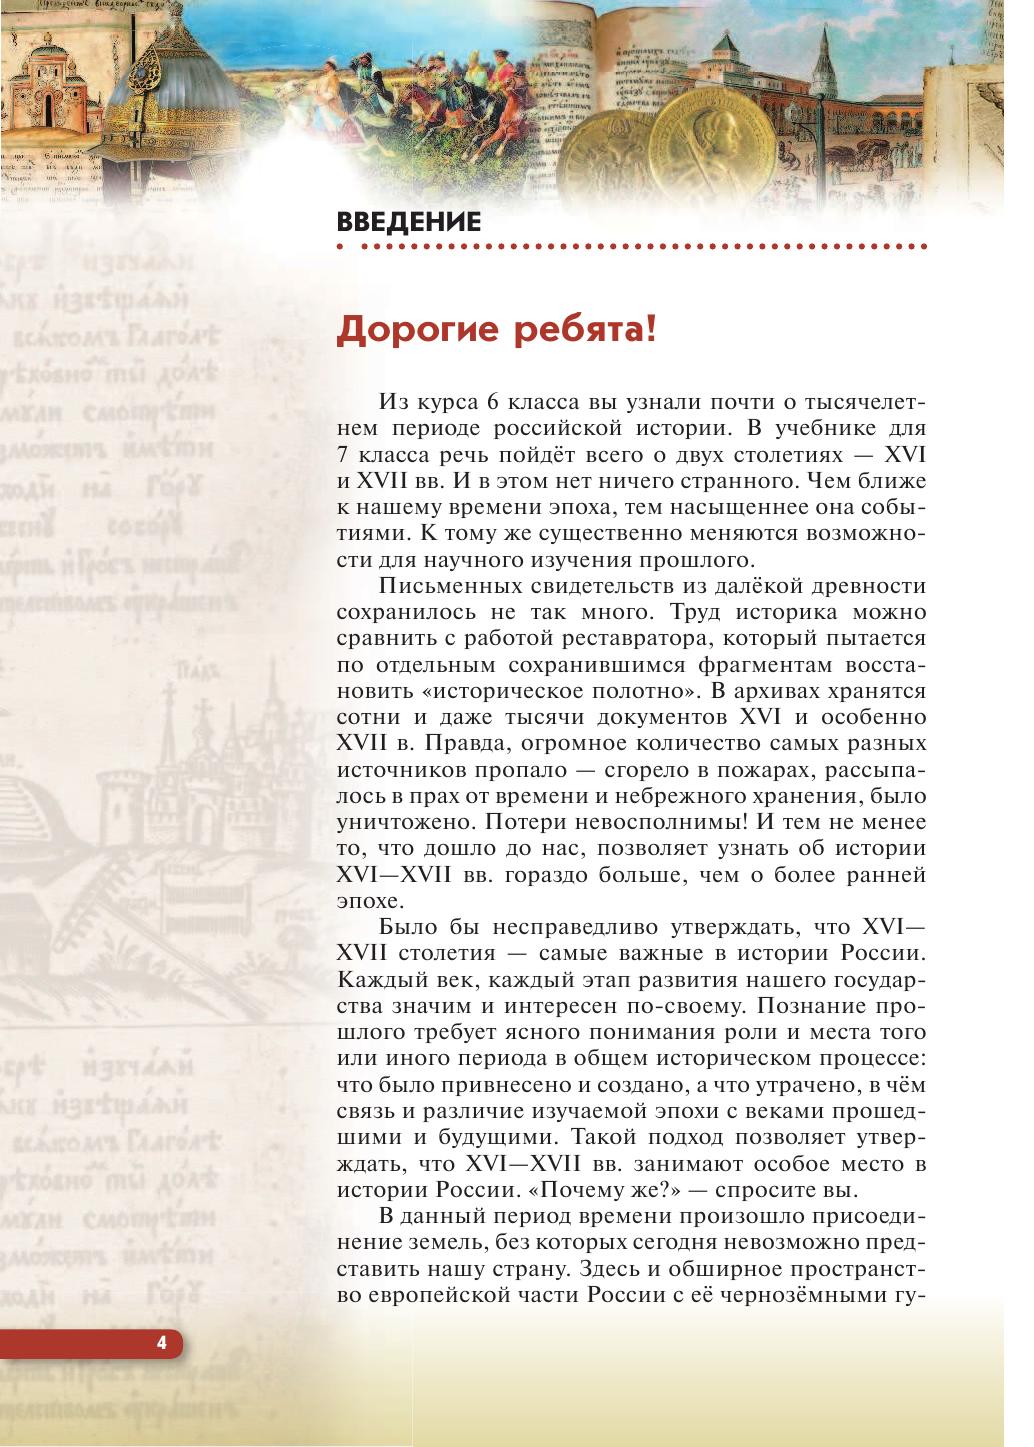 История россии 7 класс андреев данилевский 15 параграф в крации